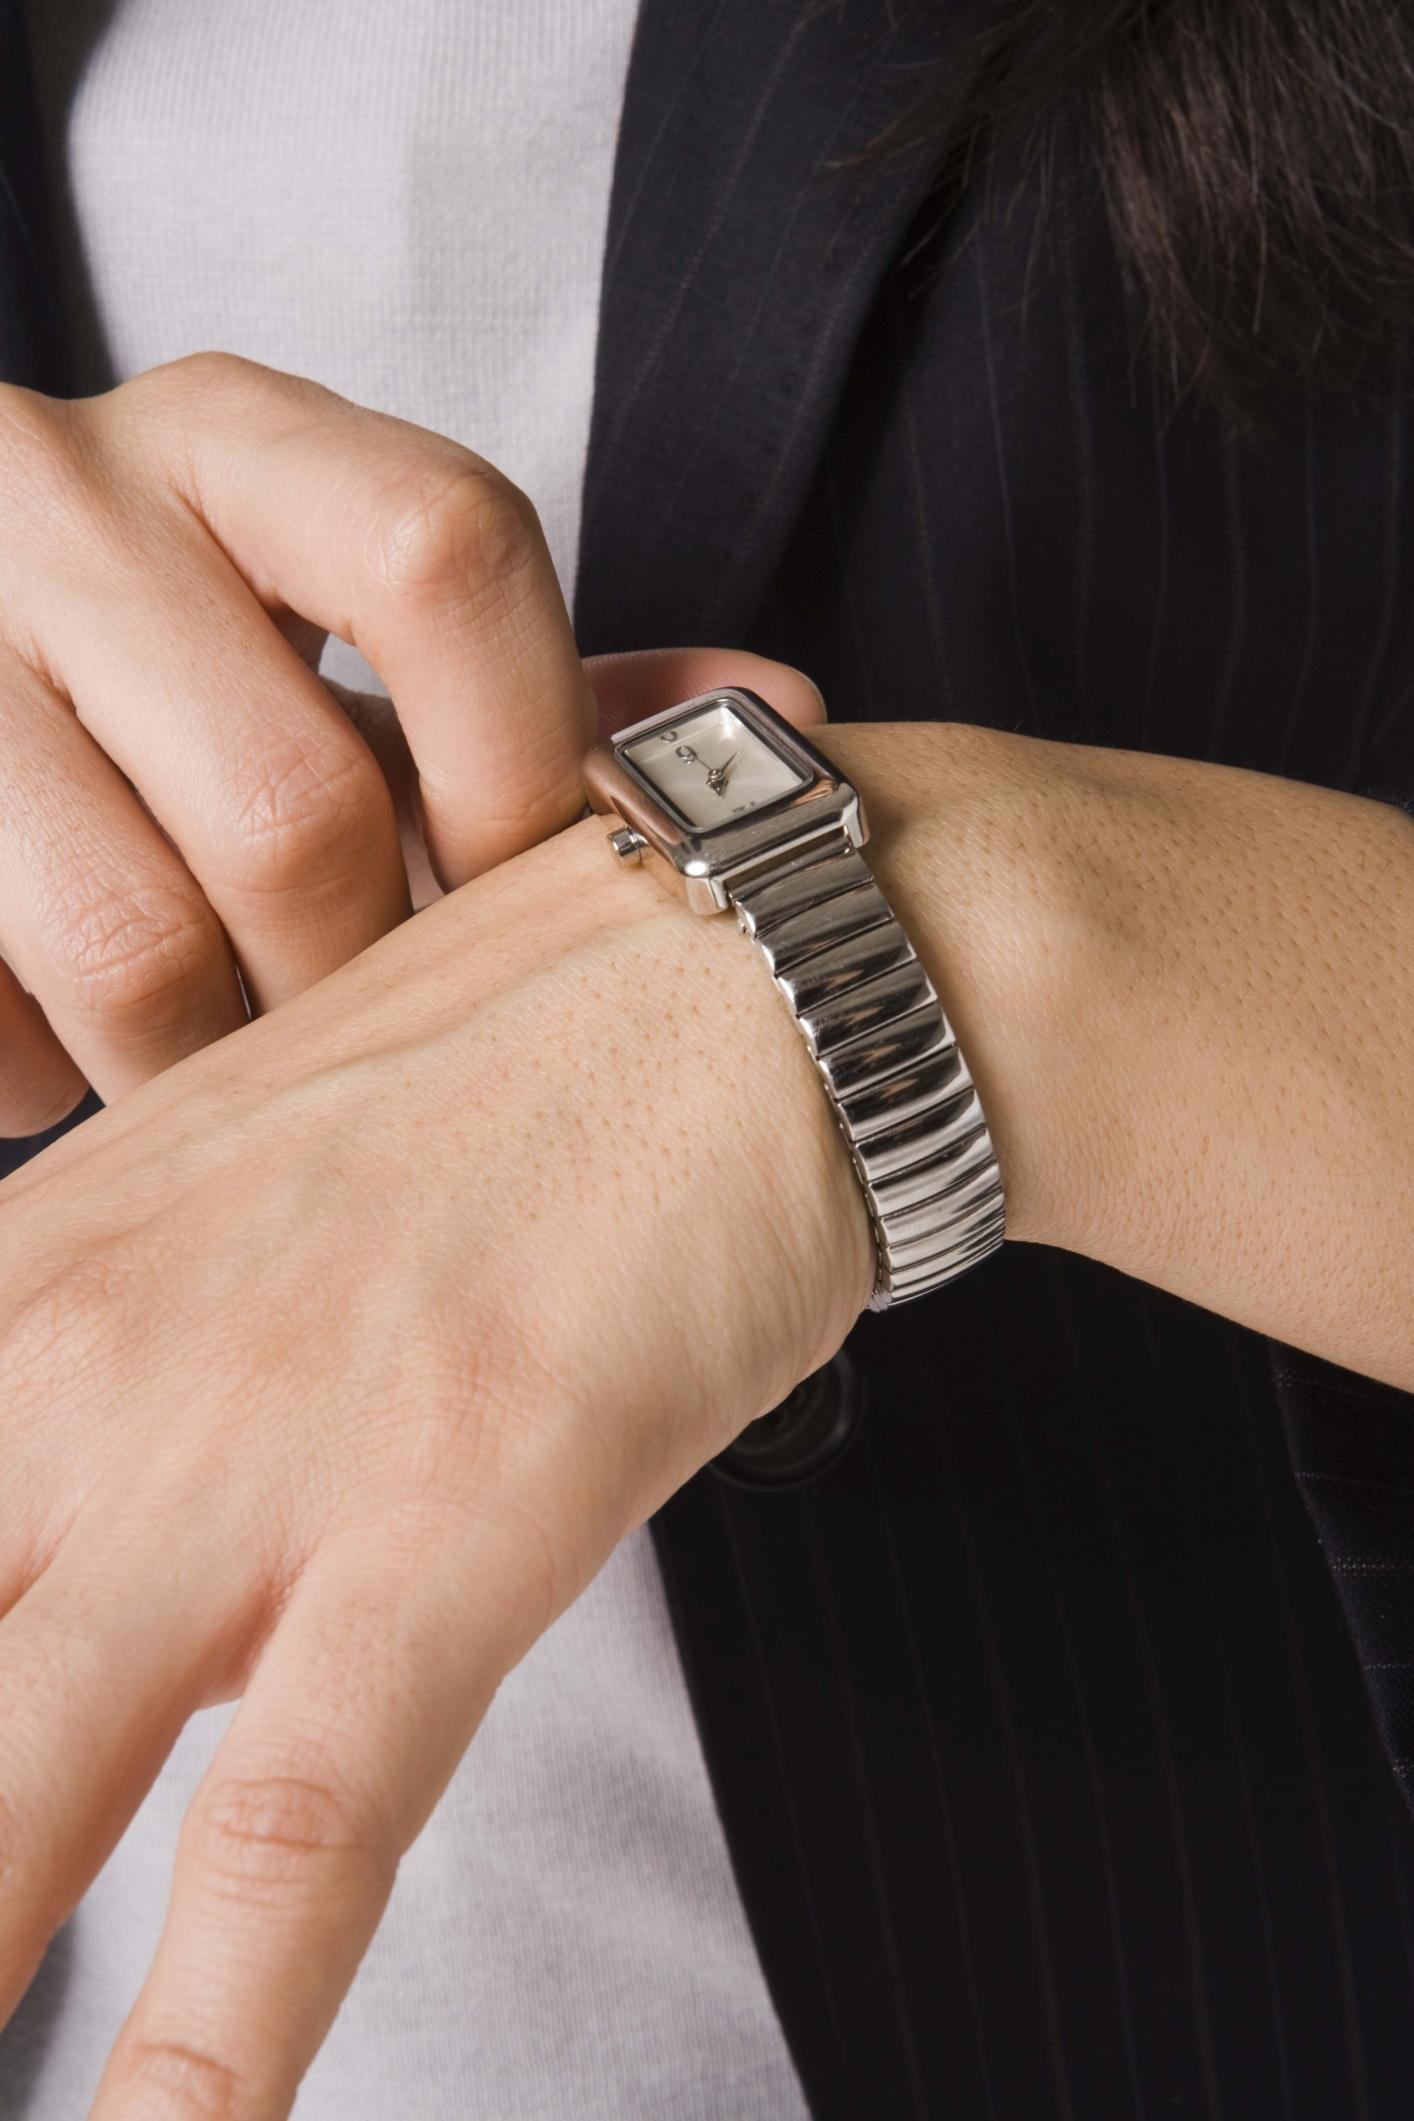 En Establecer Un Casio Iluminator Cómo Hora Reloj La zqSVpUM